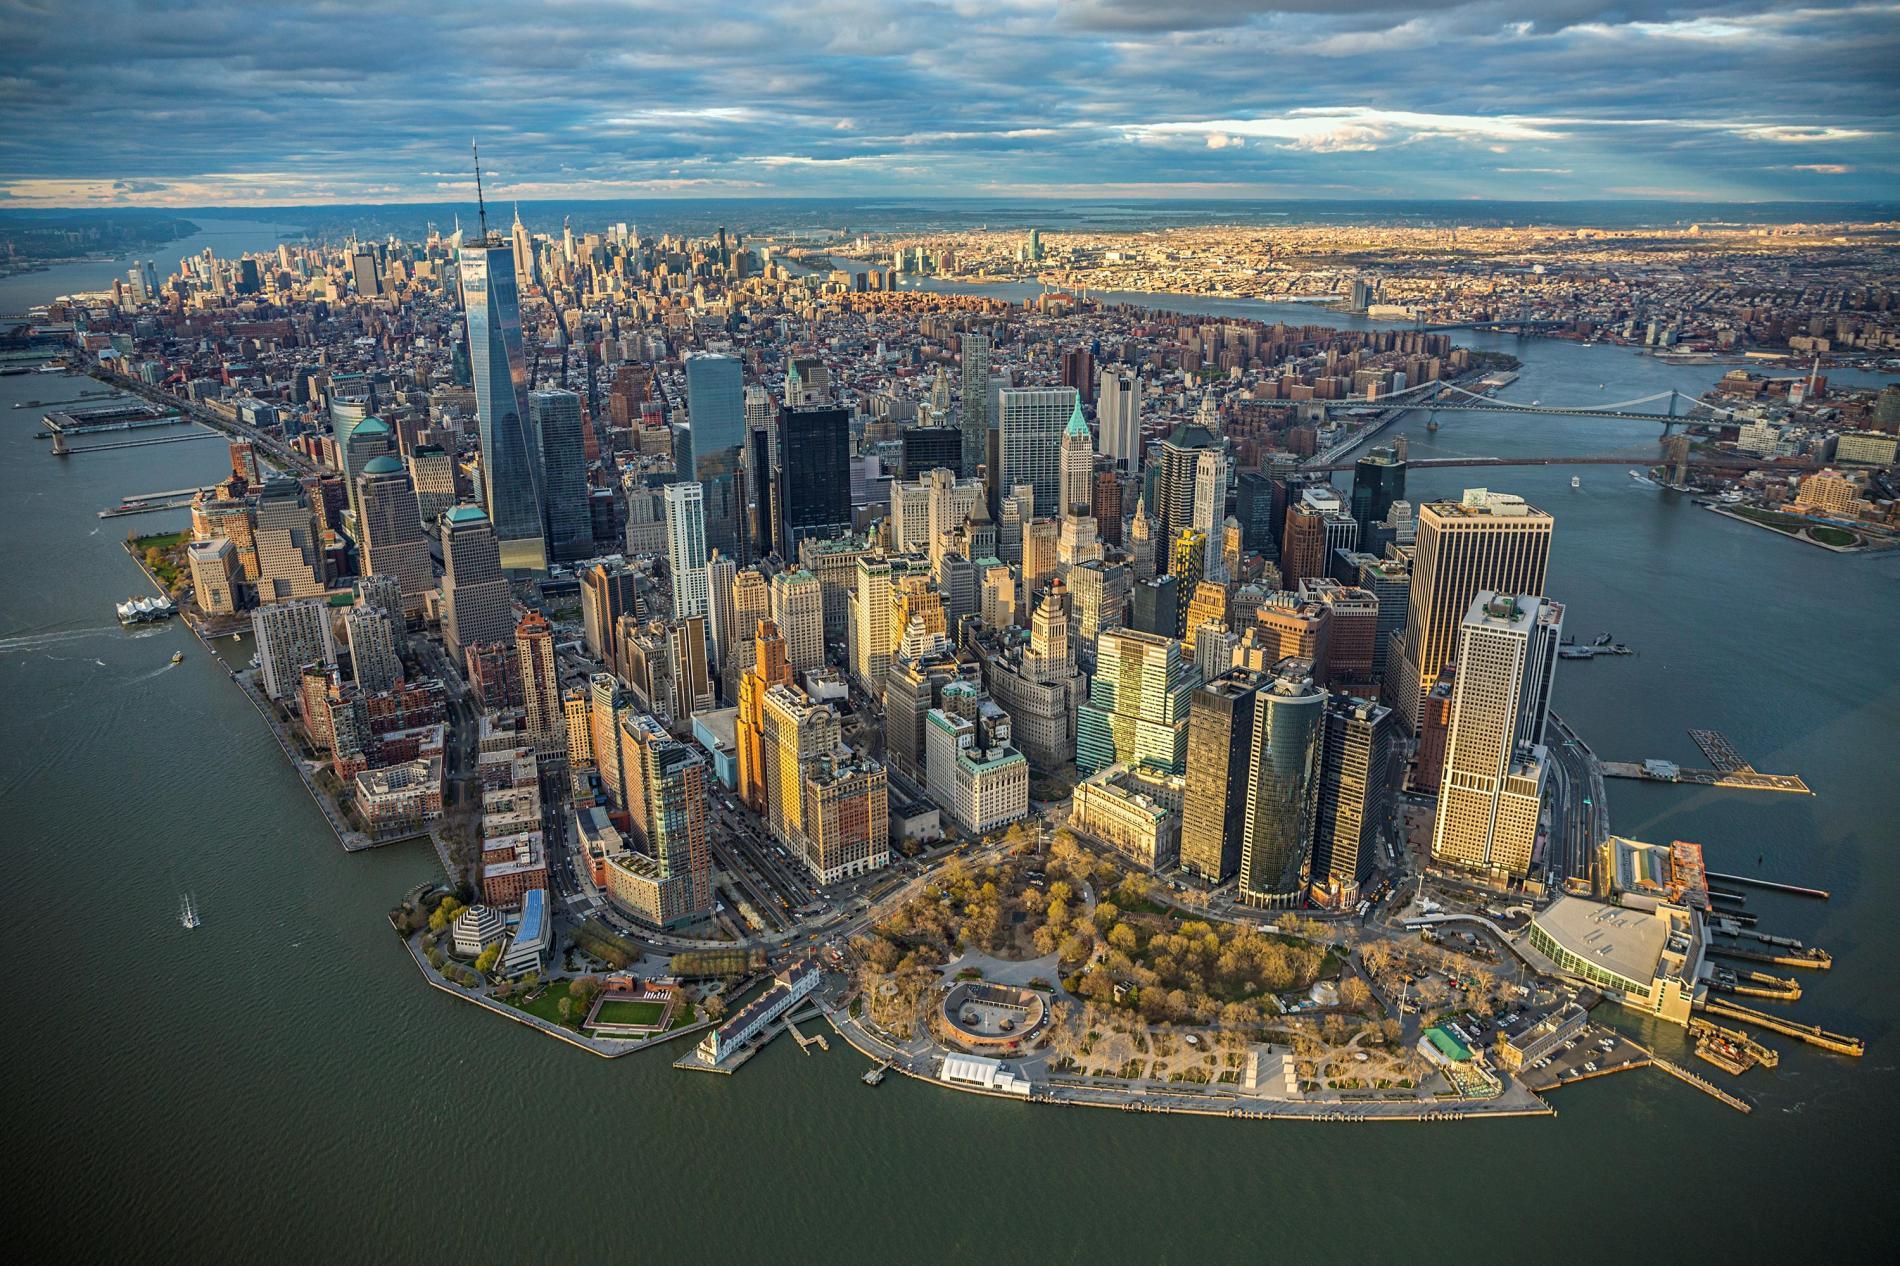 ölmeden önce görülmesi gereken şehirler new york city